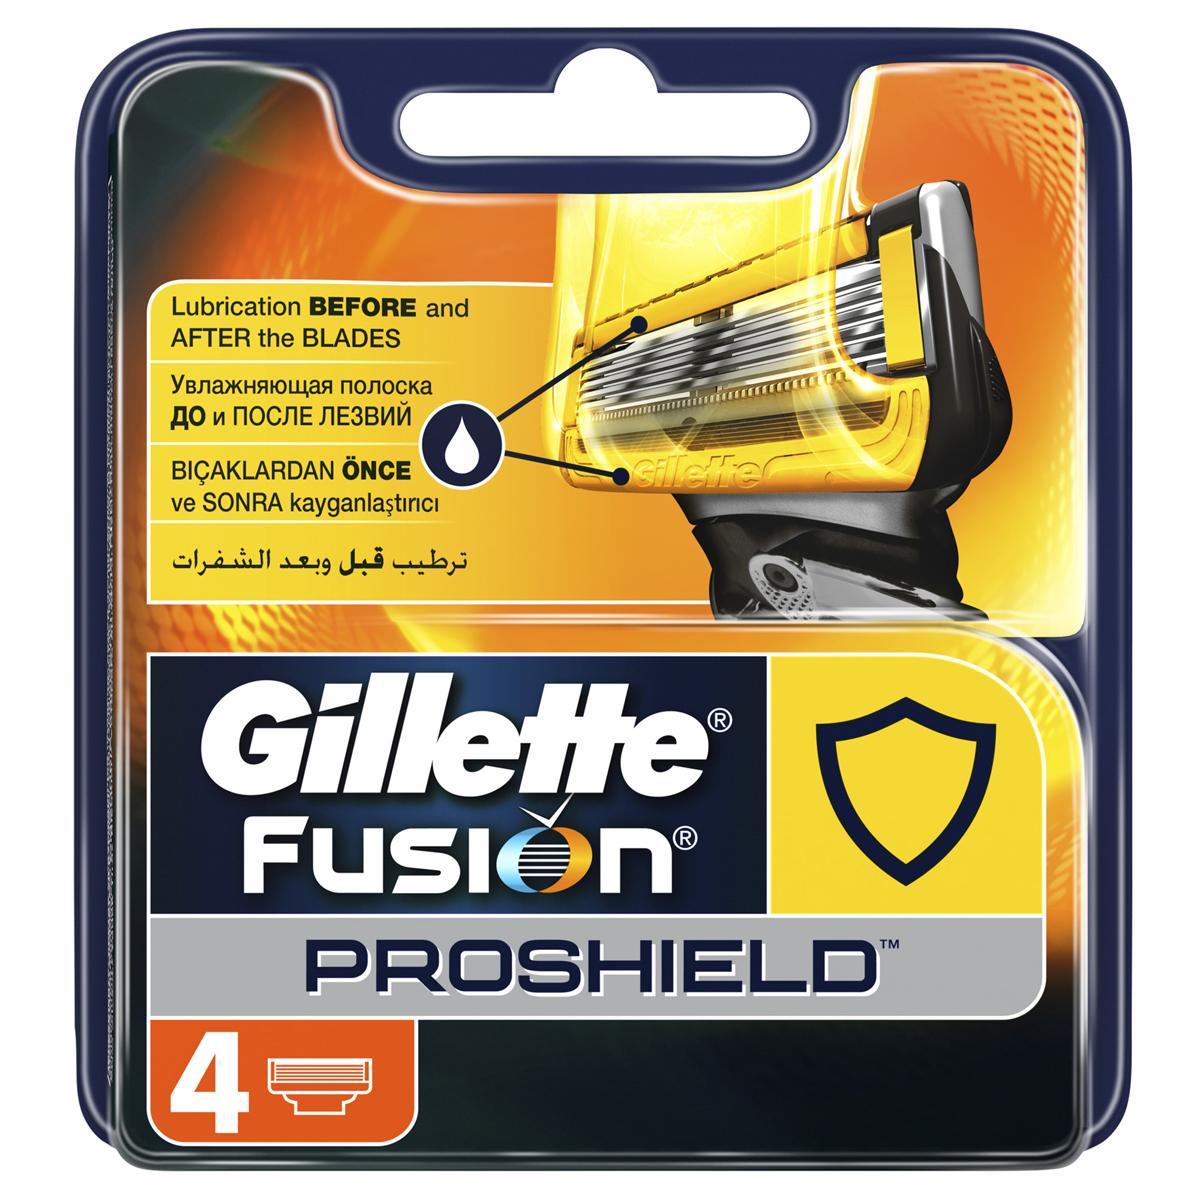 Gillette Сменные кассеты для мужской бритвы Fusion ProShield, 4 шт6800Лезвия для мужской бритвы Gillette Fusion ProShield защищают во время бритья. Смазывающая полоска ProShield до и после бритья создает защитный слой, который снижает раздражение. Gillette Fusion ProShield— наиболее усовершенствованная бритва Gillette. Ищите желтые лезвия и ручку.Смазывающая полоска Gillette Fusion ProShield до и после бритья защищает от раздраженияПять точных лезвий сбривают волосы без усилий и с меньшим трением*, гарантируя максимальный комфорт (*в сравнении с Fusion)Точное лезвие-триммер на обратной стороне кассеты для придания более четкого контура4сменные кассетыЛезвия подходят для всех ручек Fusion и ProGlide